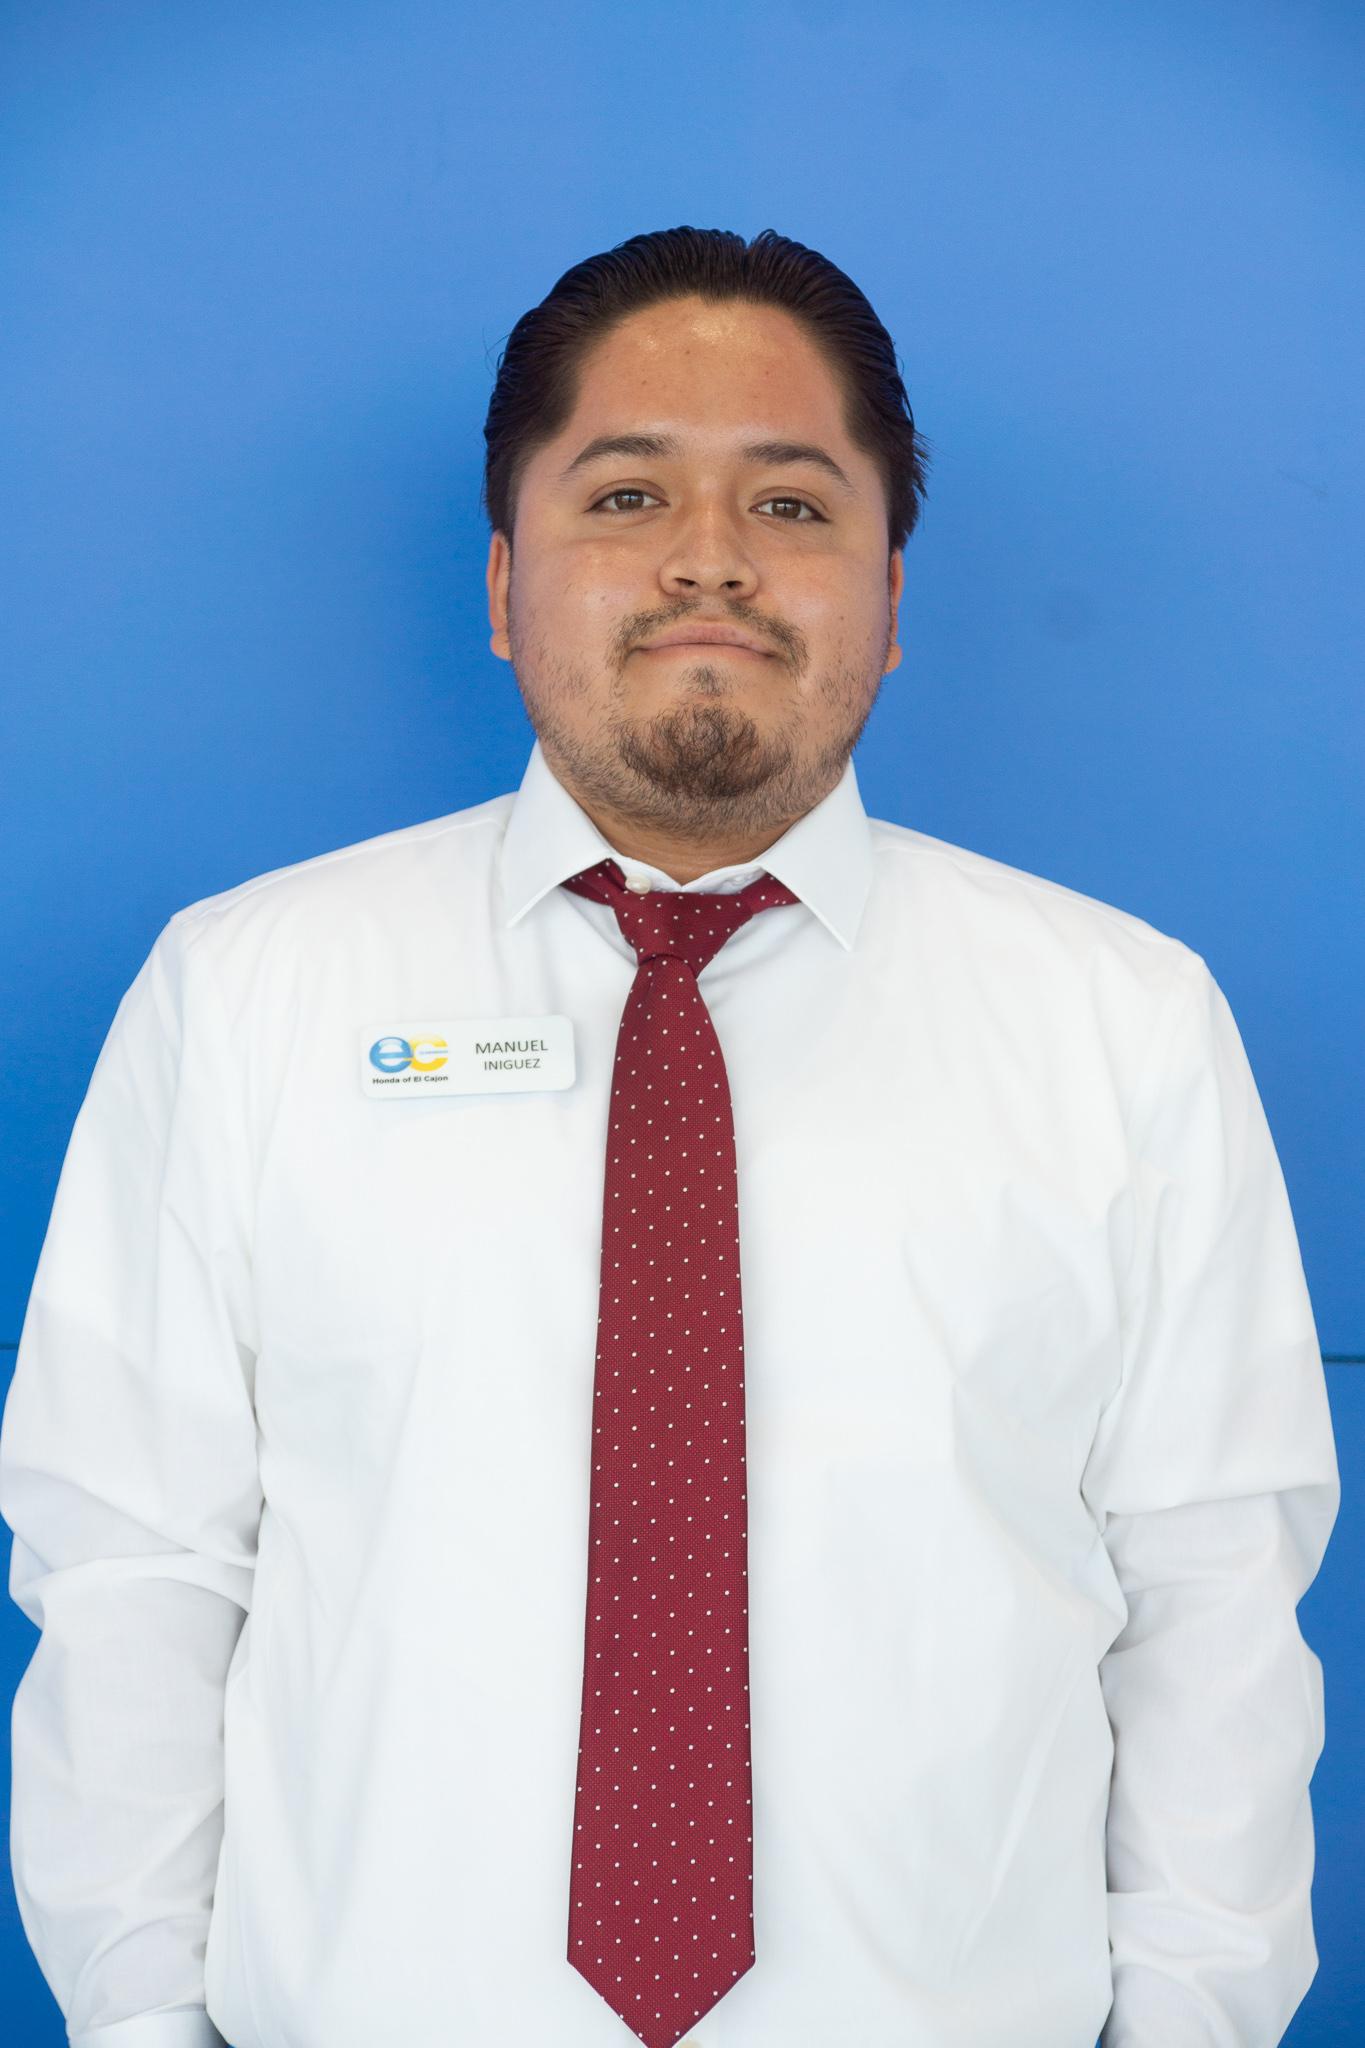 Manuel Iniguez Bio Image